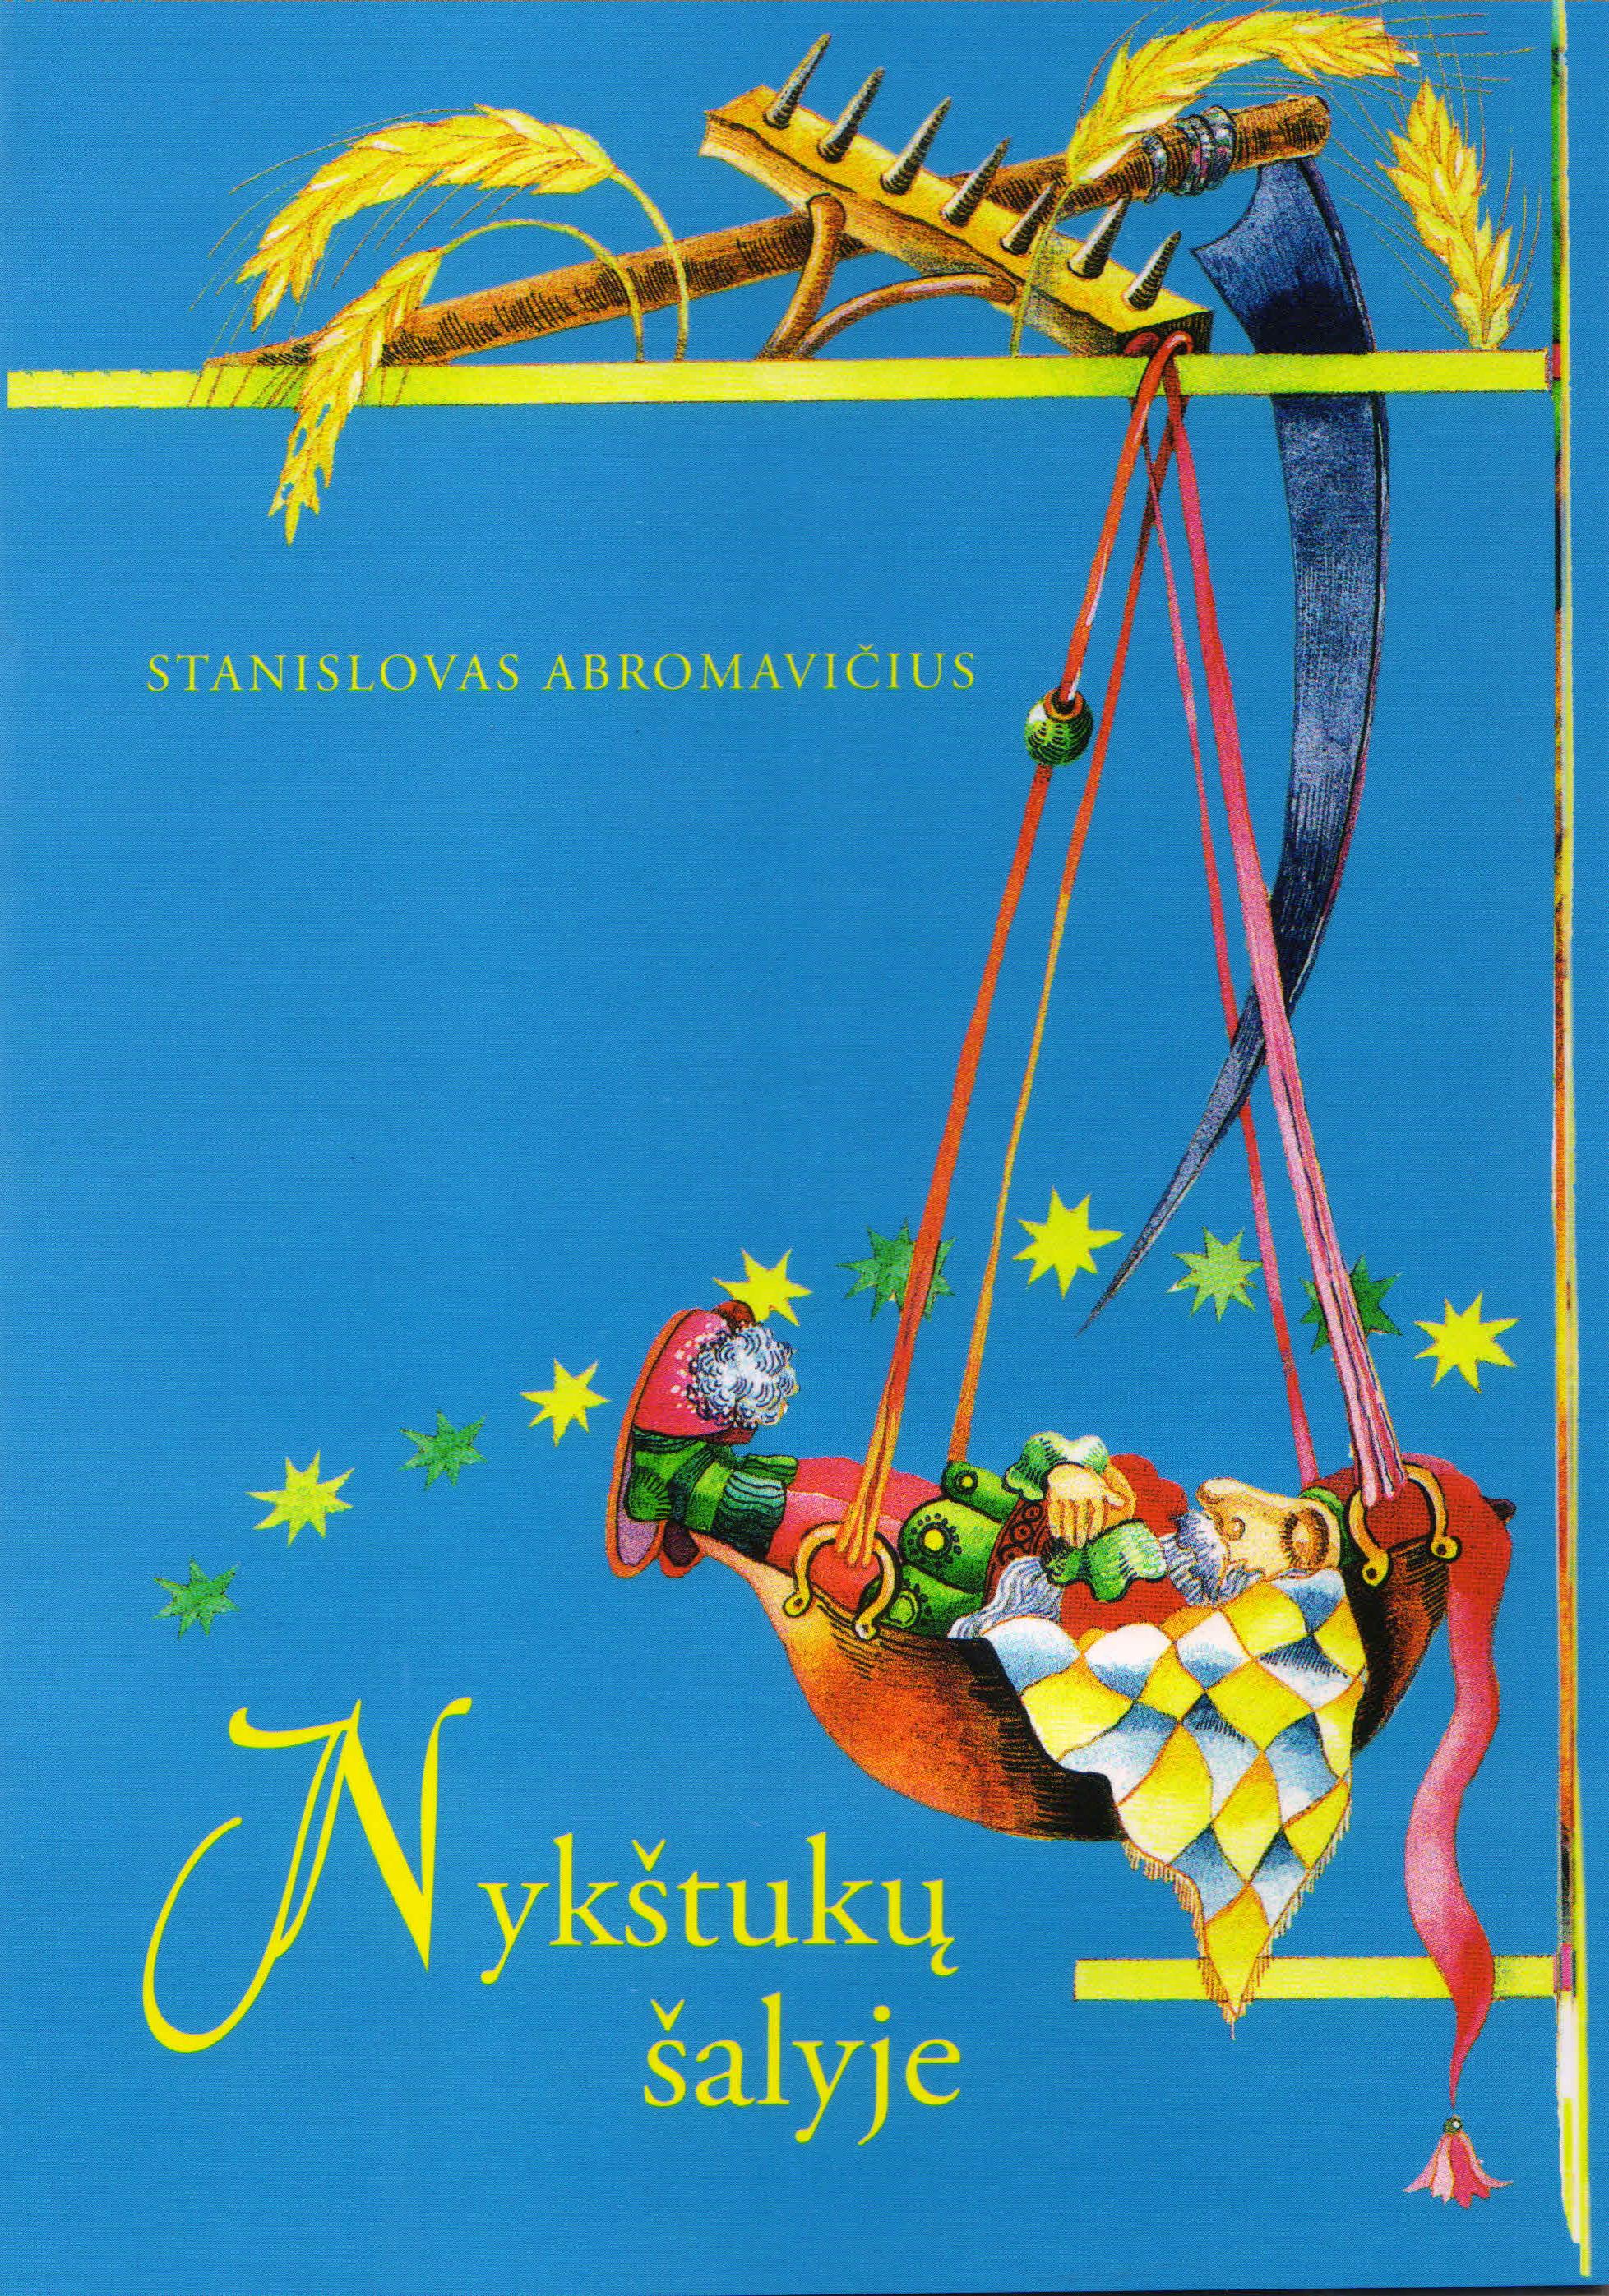 """Stanislovas Abromavičius. """"Nykštukų šalyje"""" (Kaunas: Naujasis lankas, 2017)"""